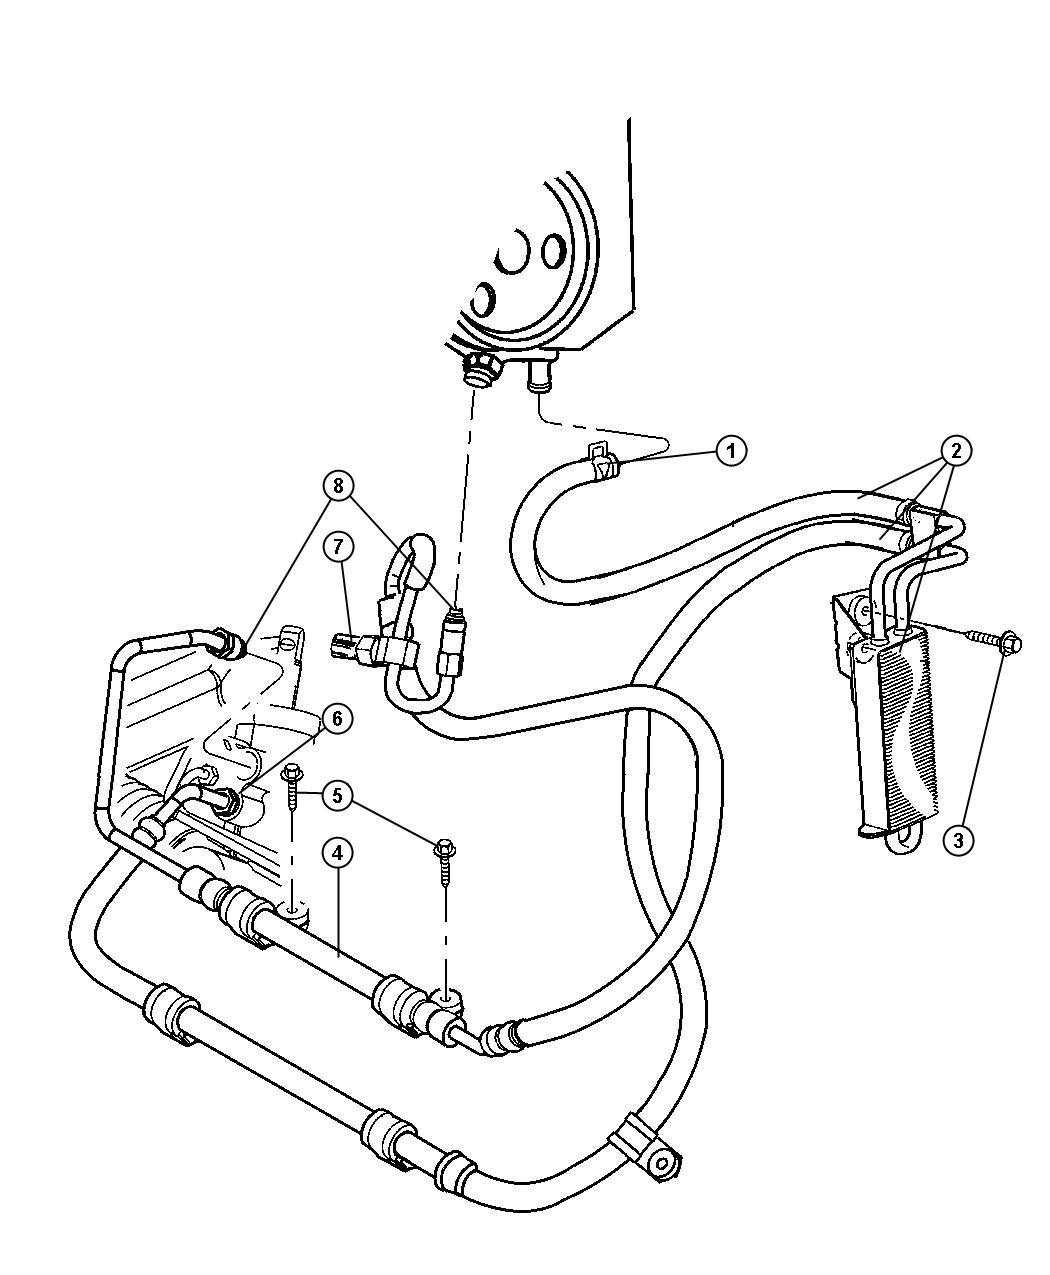 Jeep Liberty Oem Parts Diagram as well  on 7ejqr dakota slt 2003 dodge 4 7l 5sp